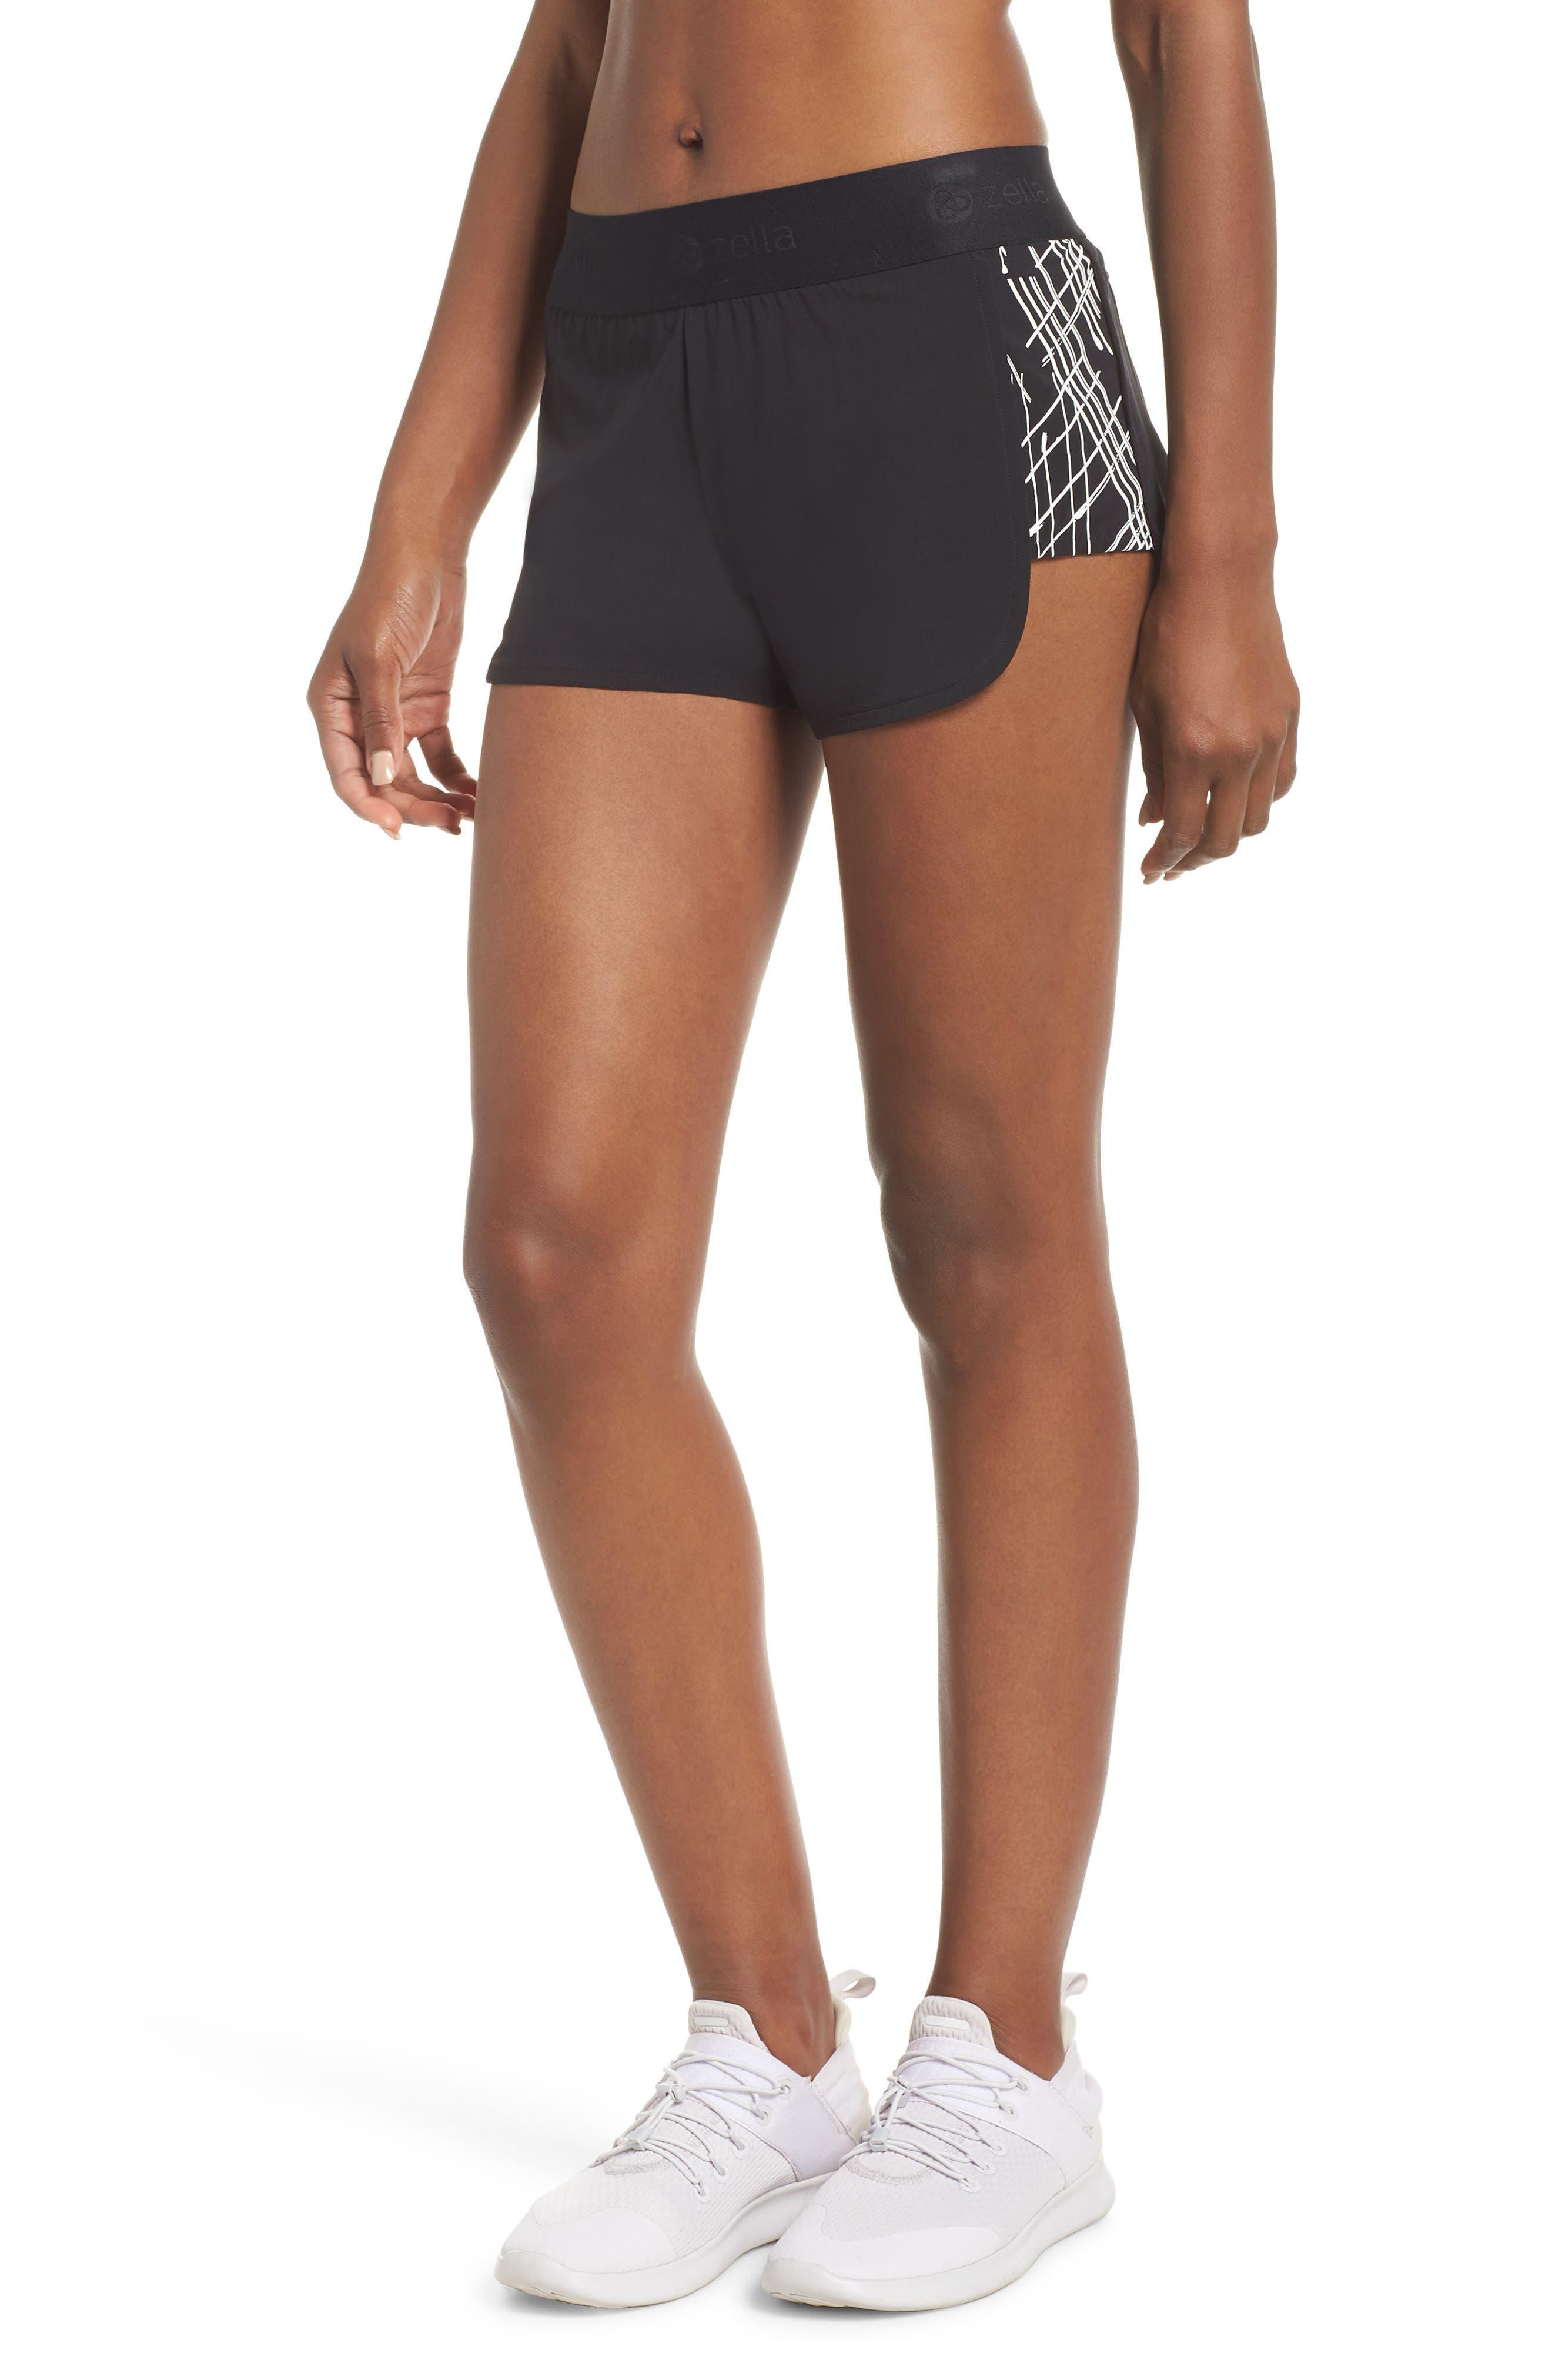 Go Run Reflect Shorts,                             Main thumbnail 1, color,                             001